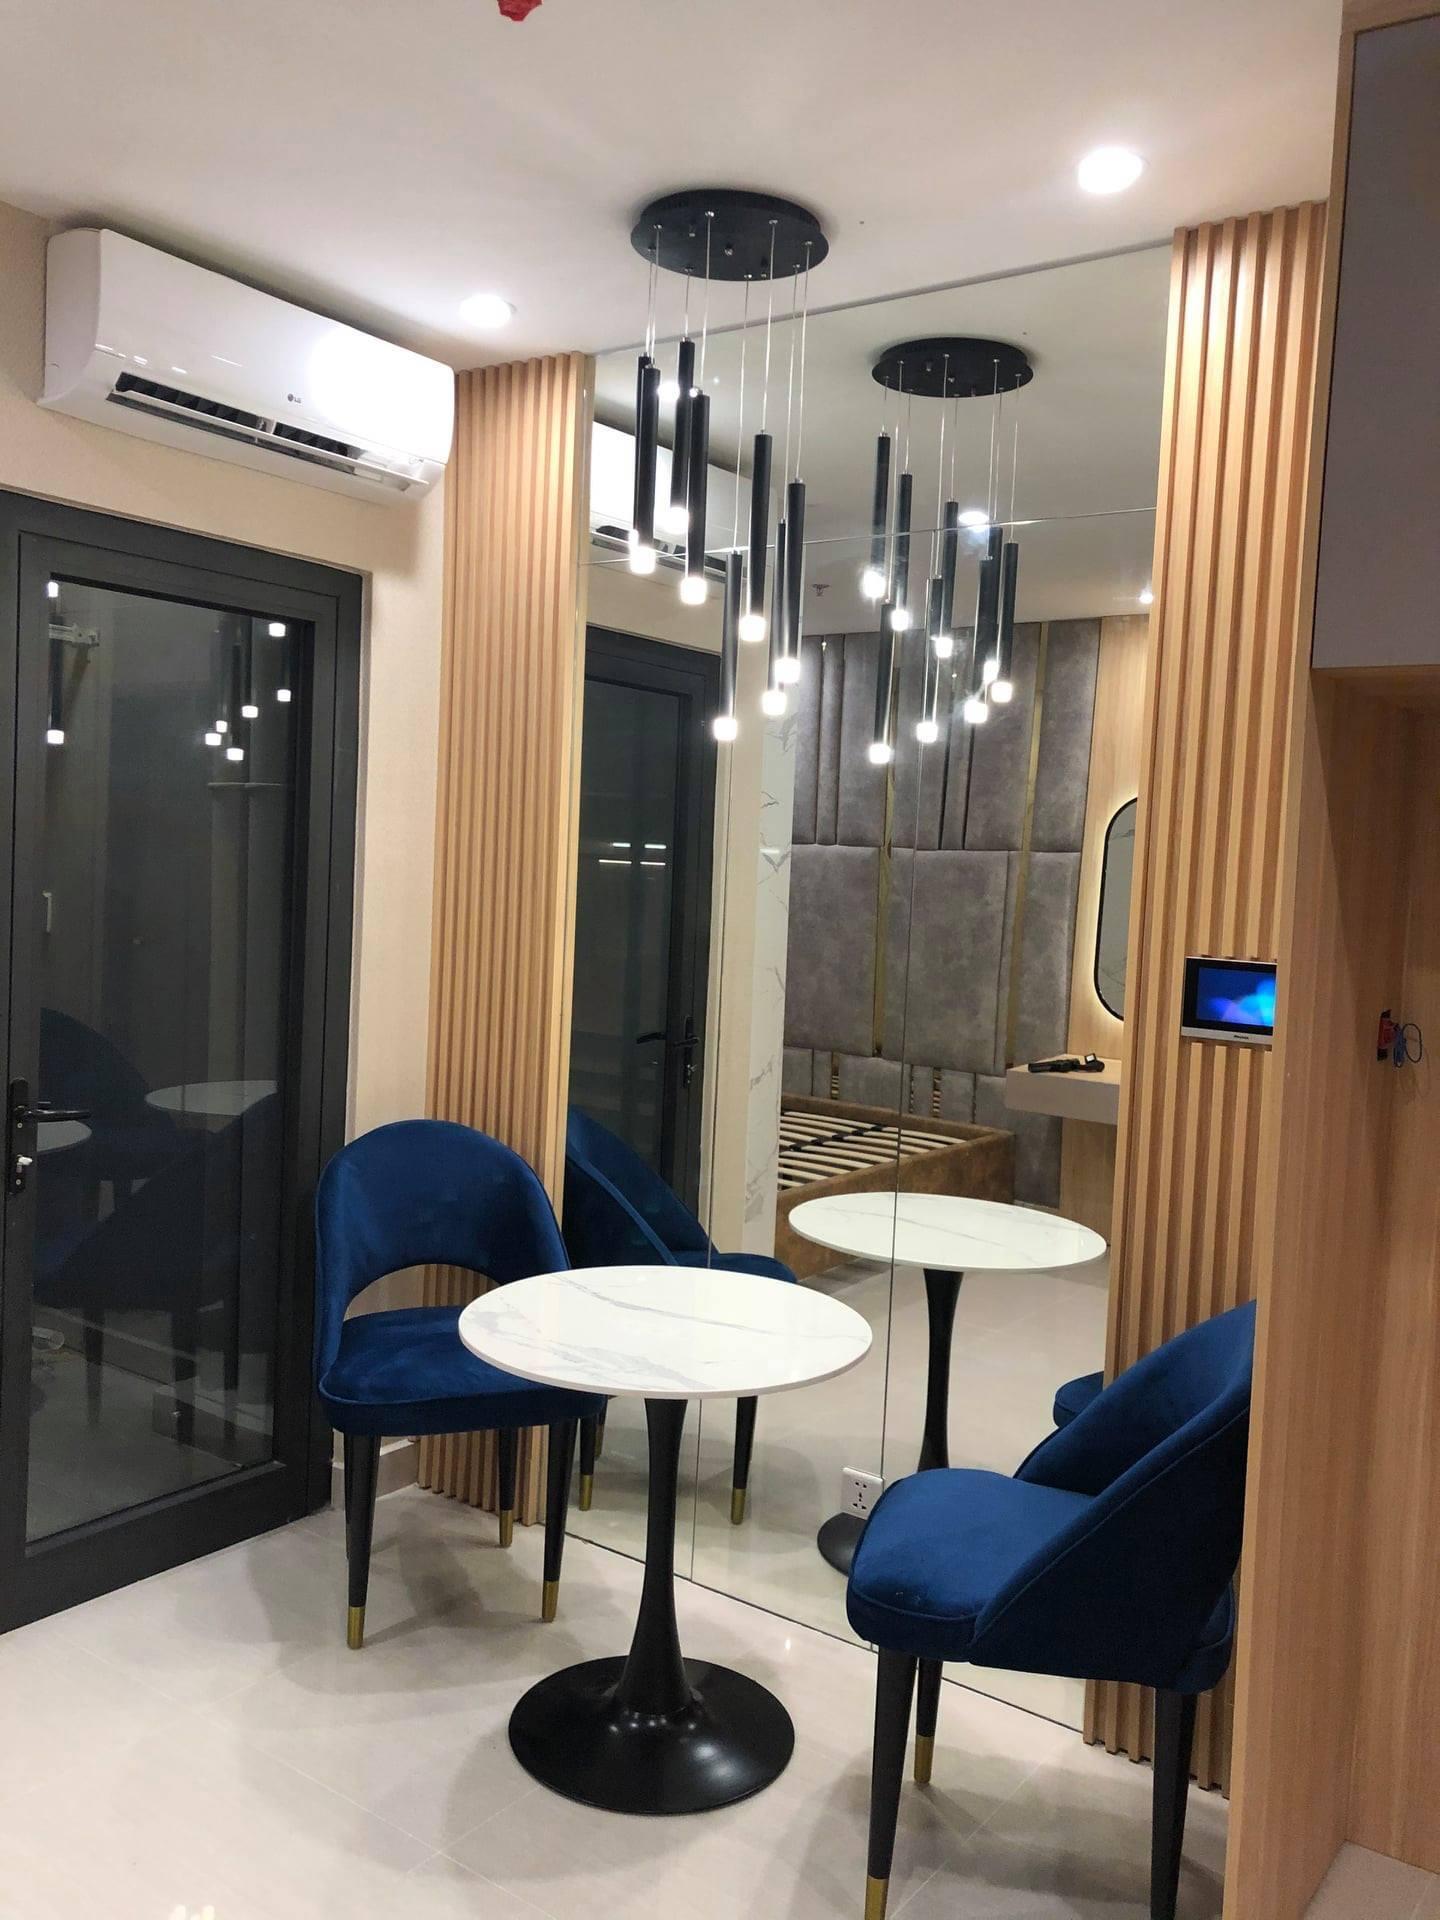 Căn hộ Studio 34m2 tầng 6 toà S5.01 Nội thất đầy đủ giá 5tr/tháng 6